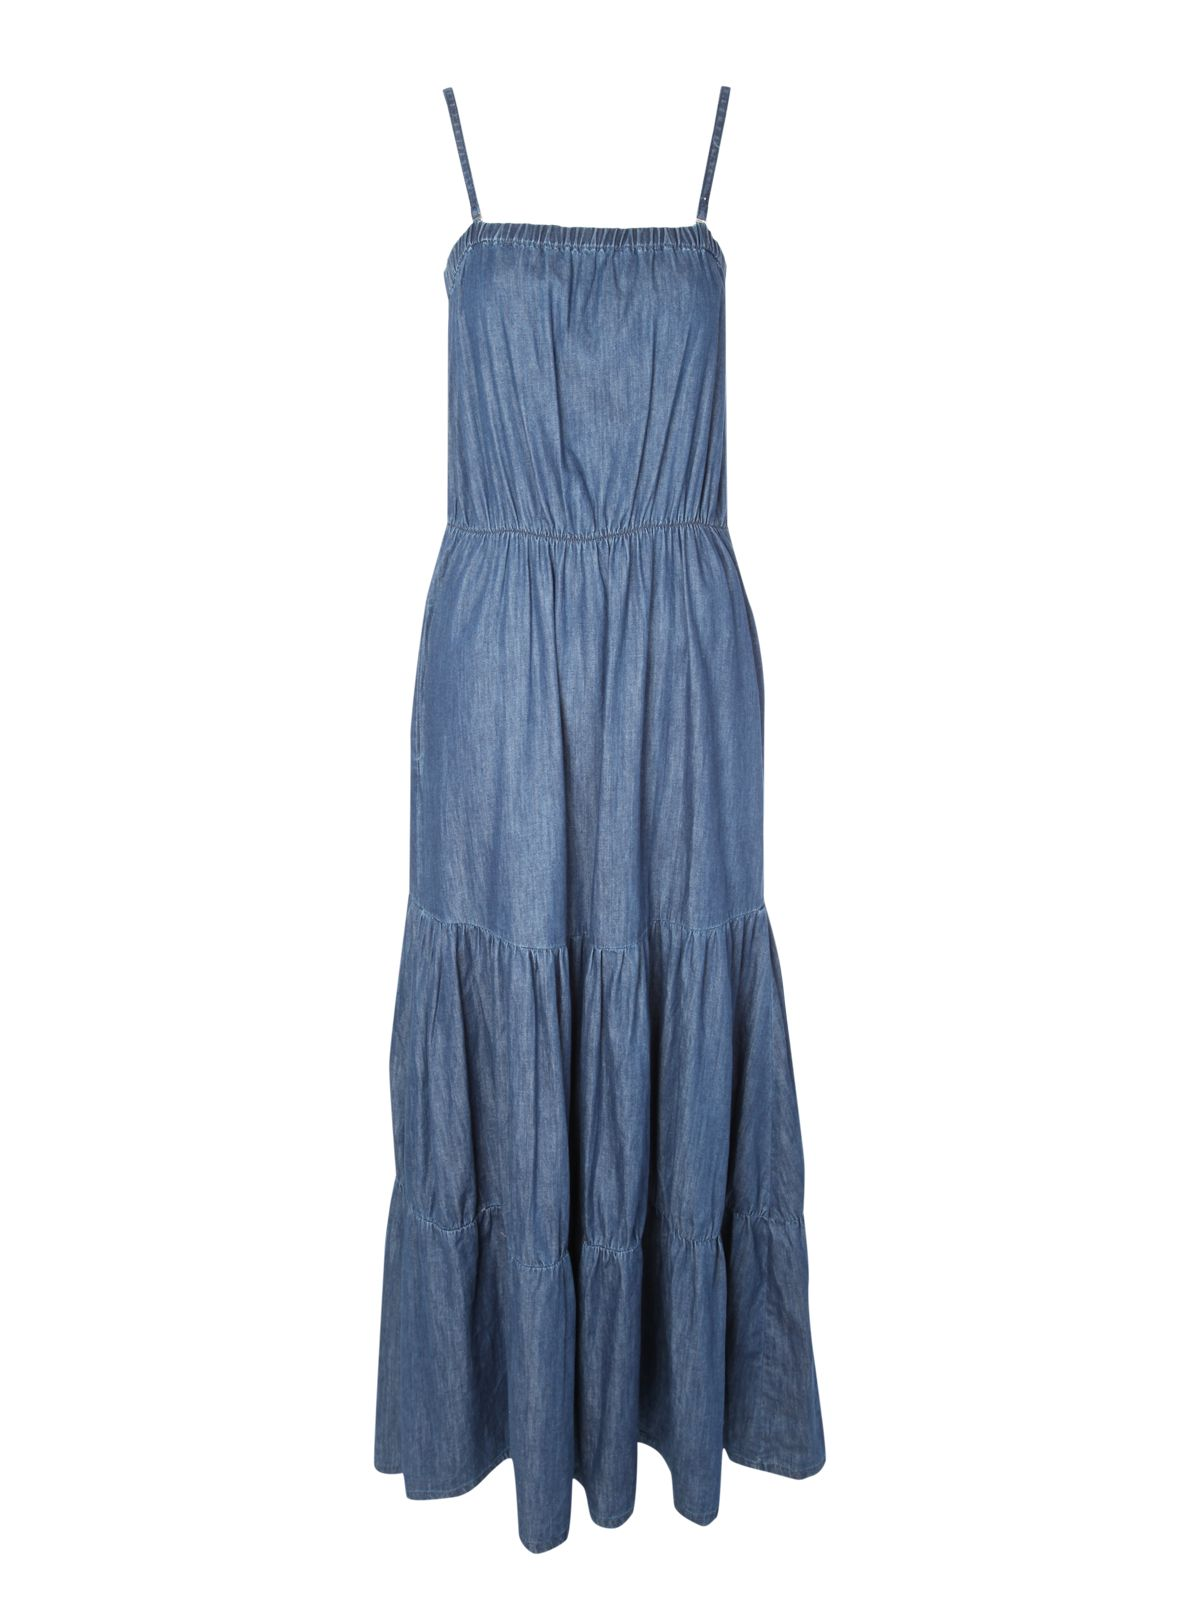 Light denim maxi dress